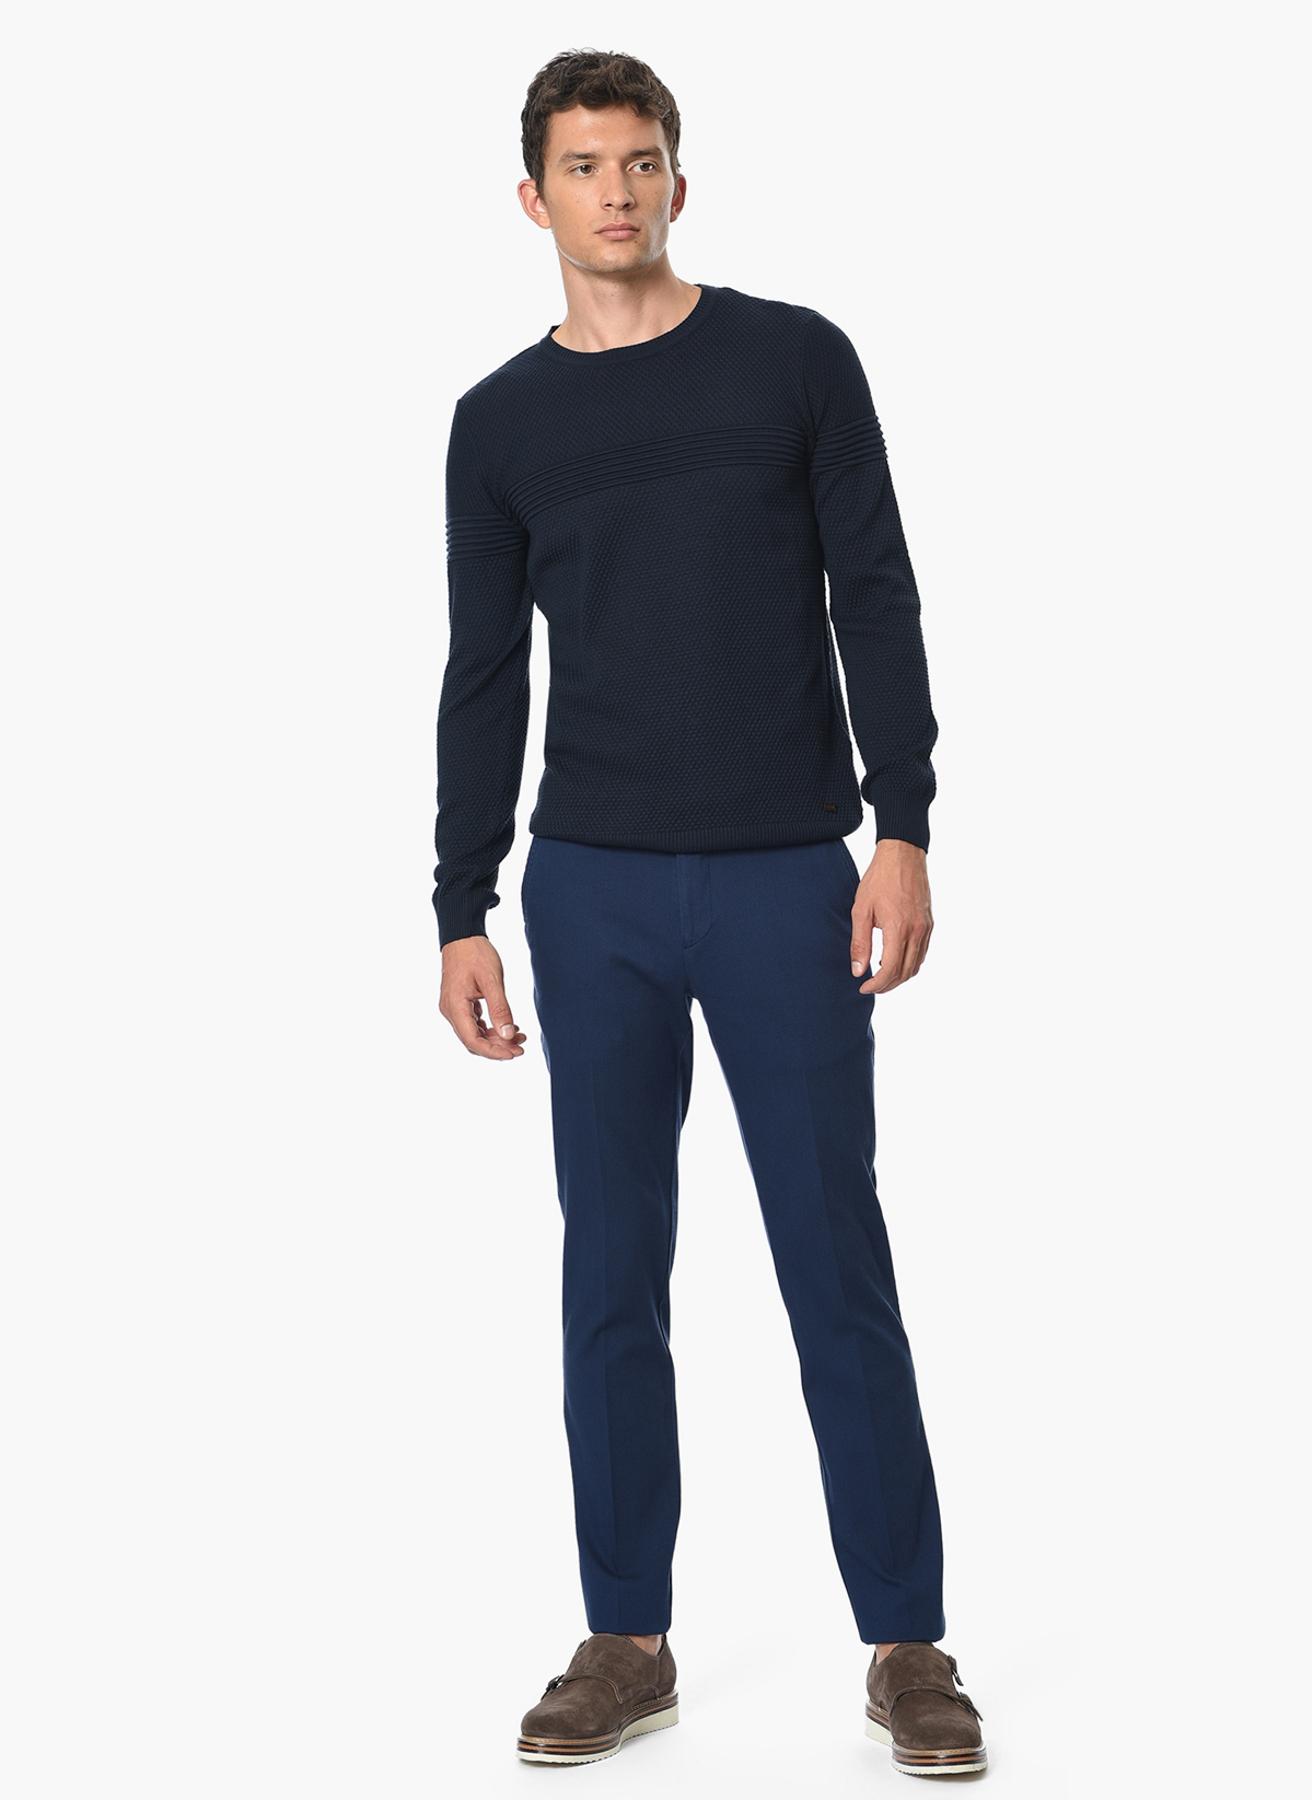 George Hogg Casual Lacivert Klasik Pantolon 56-6 5001699441006 Ürün Resmi